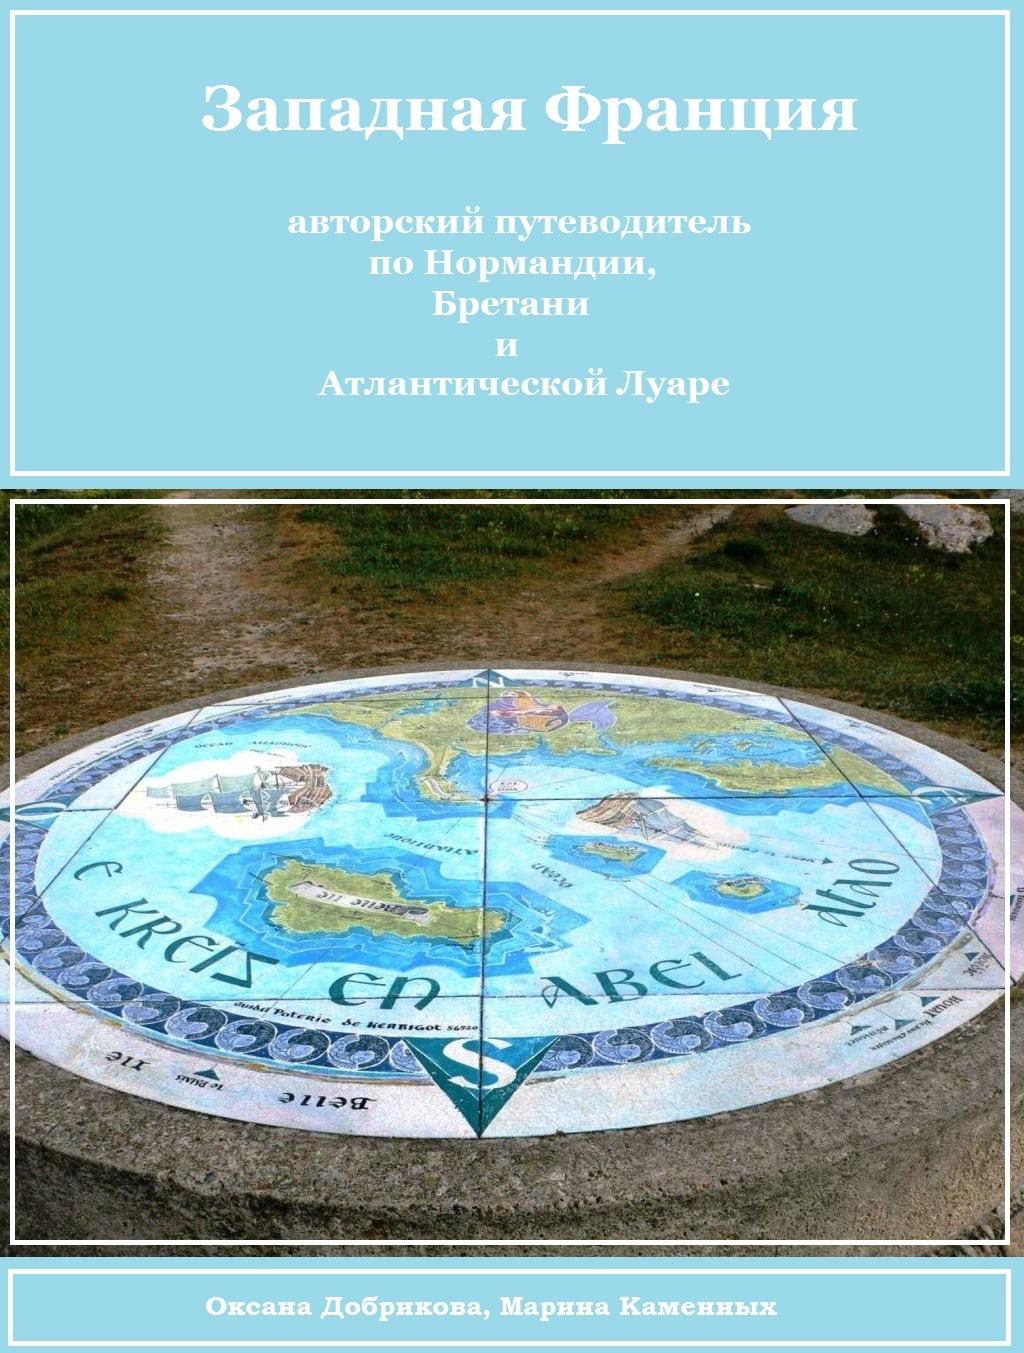 Оксана Сергеевна Добрикова Западная Франция (авторский путеводитель для самостоятельного туриста)